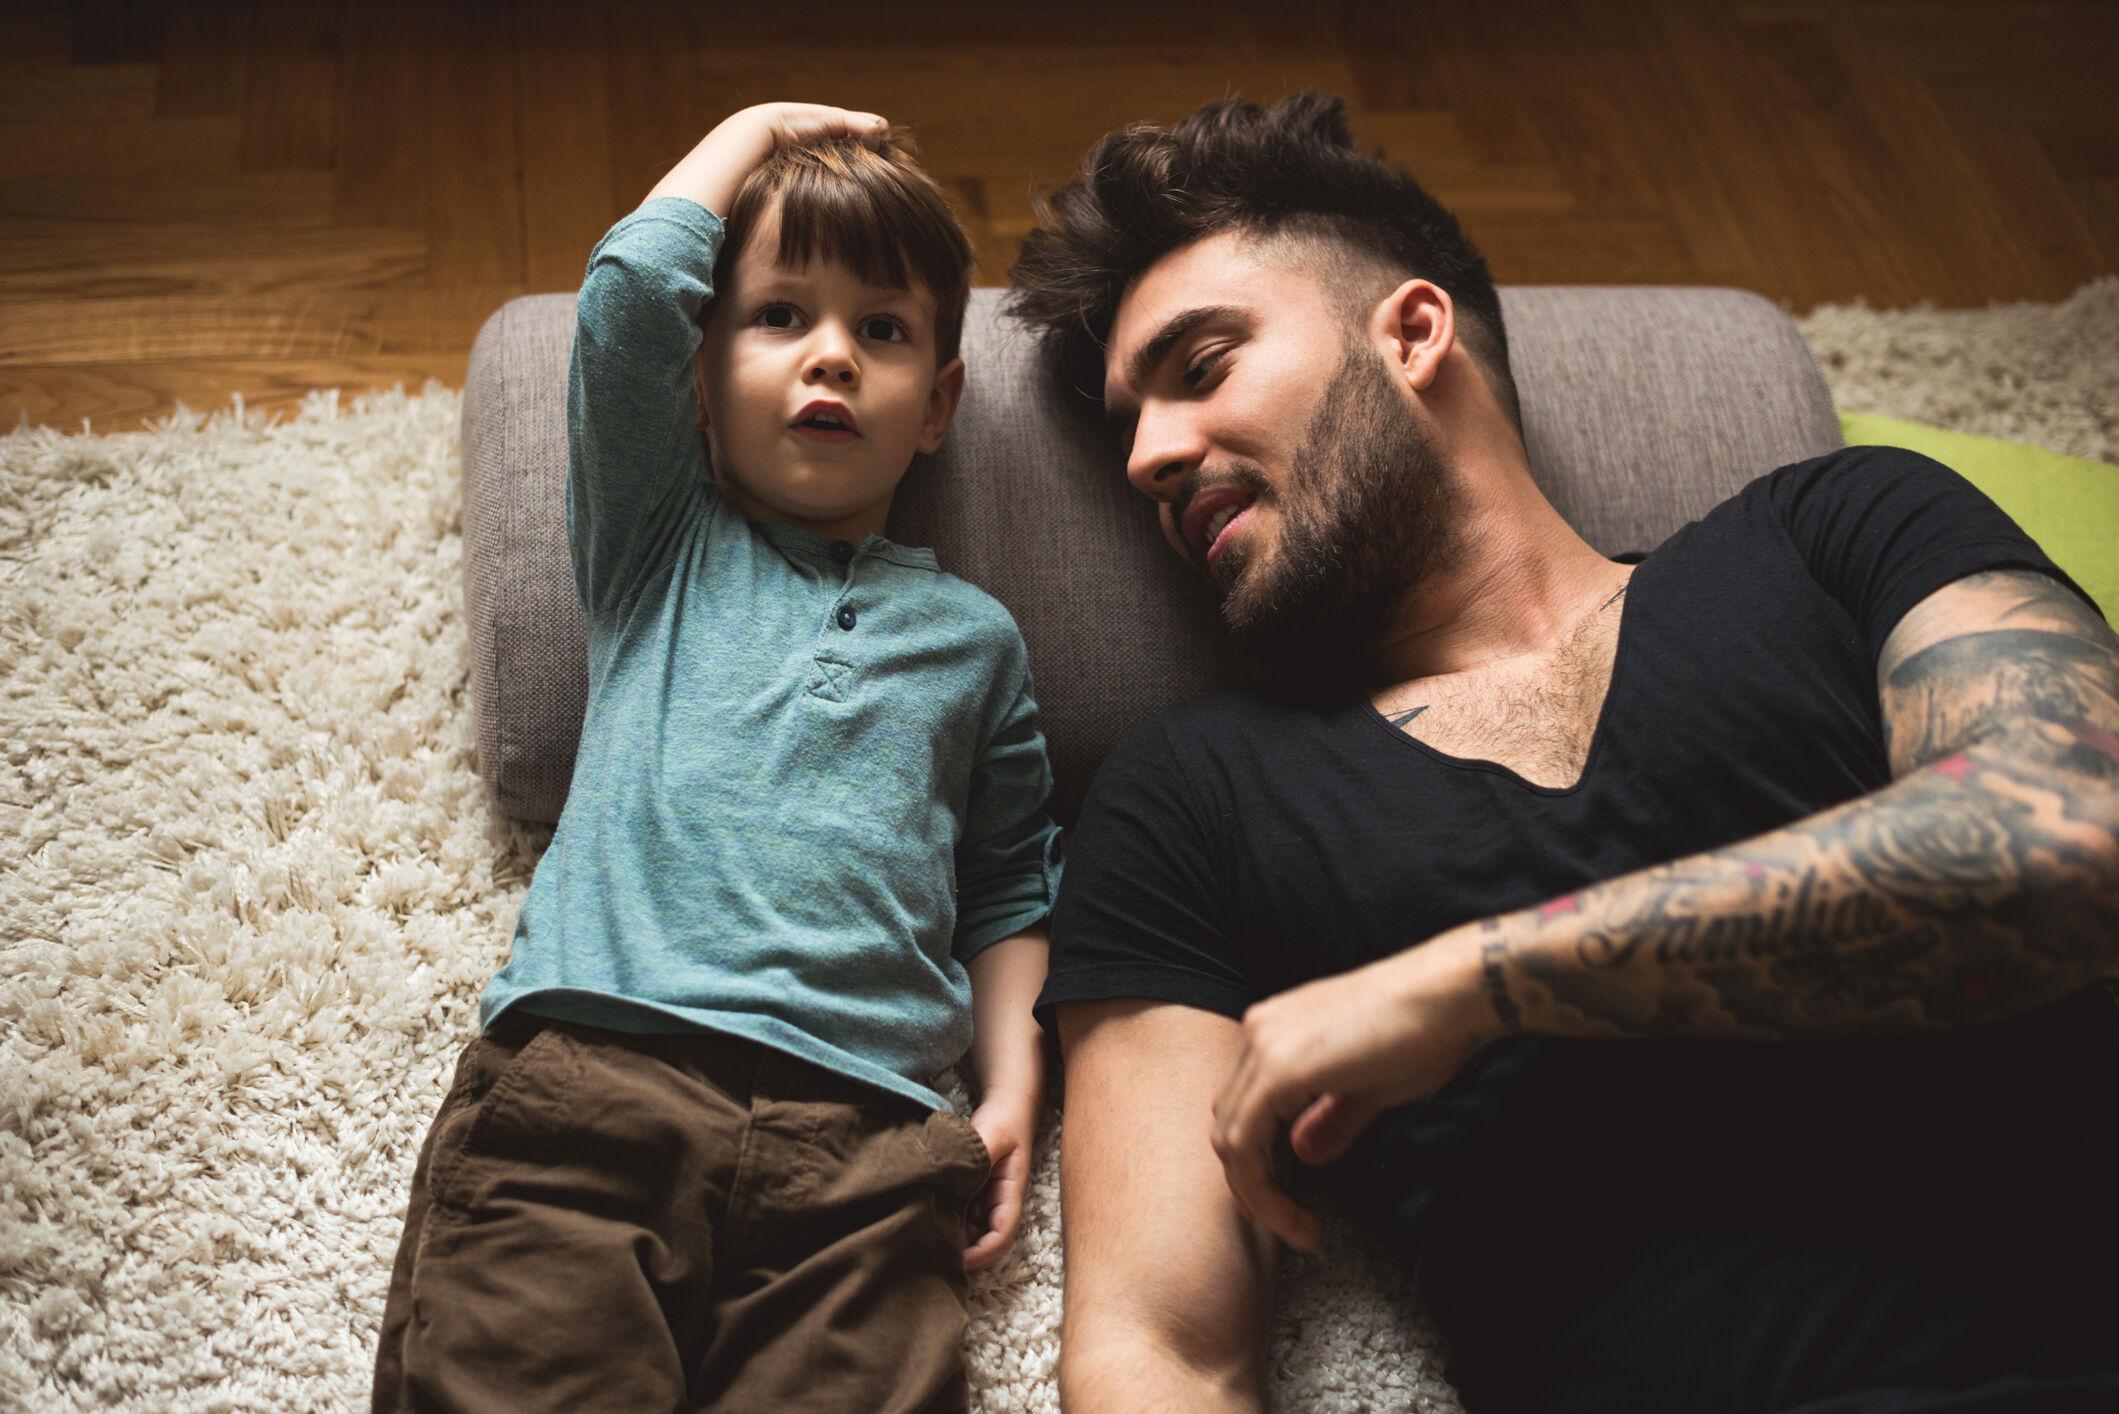 pai-filho